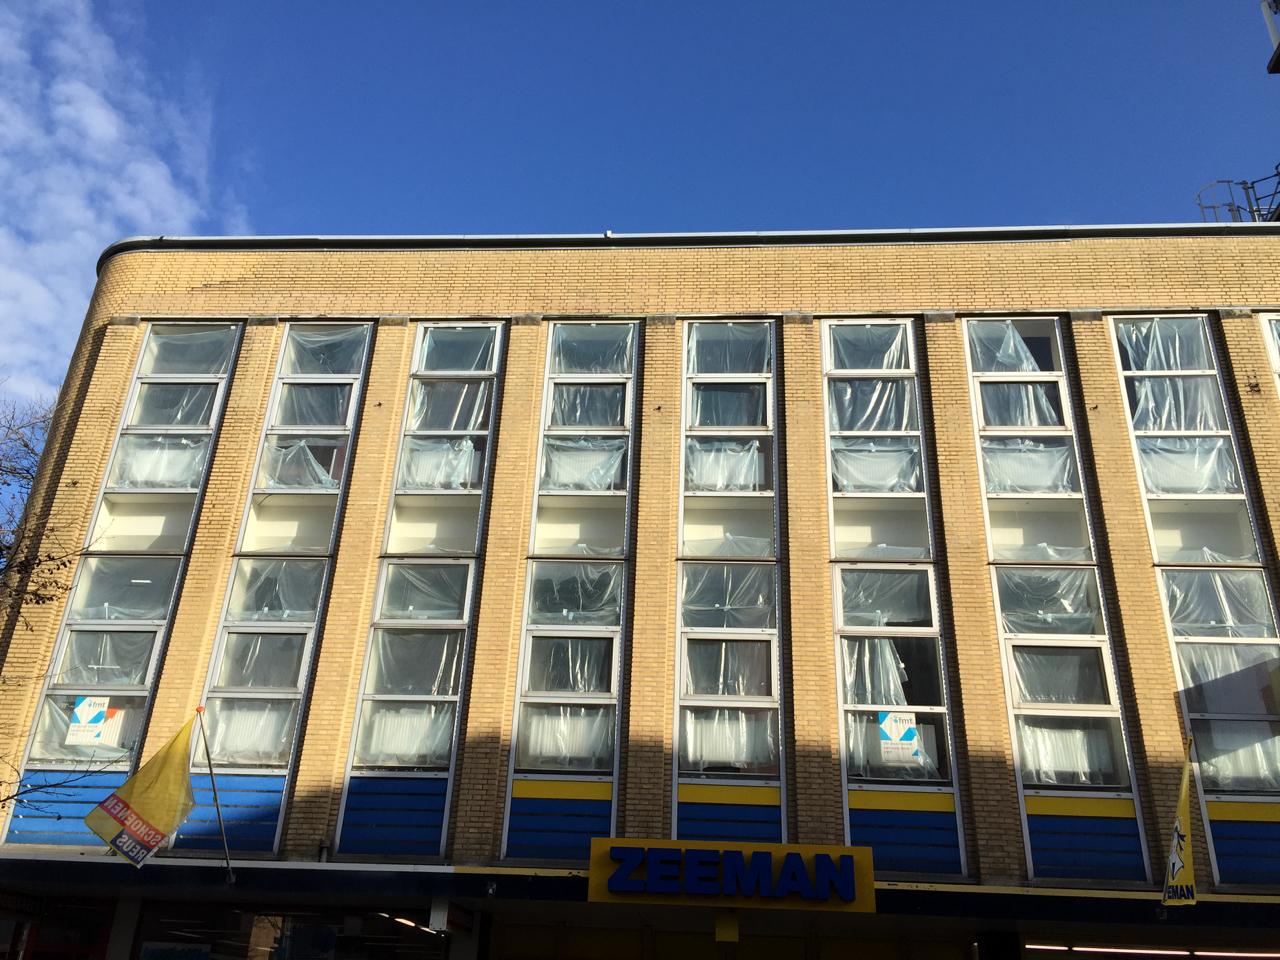 Leegstaande verdiepingen met gescheurd plastic voor de ramen